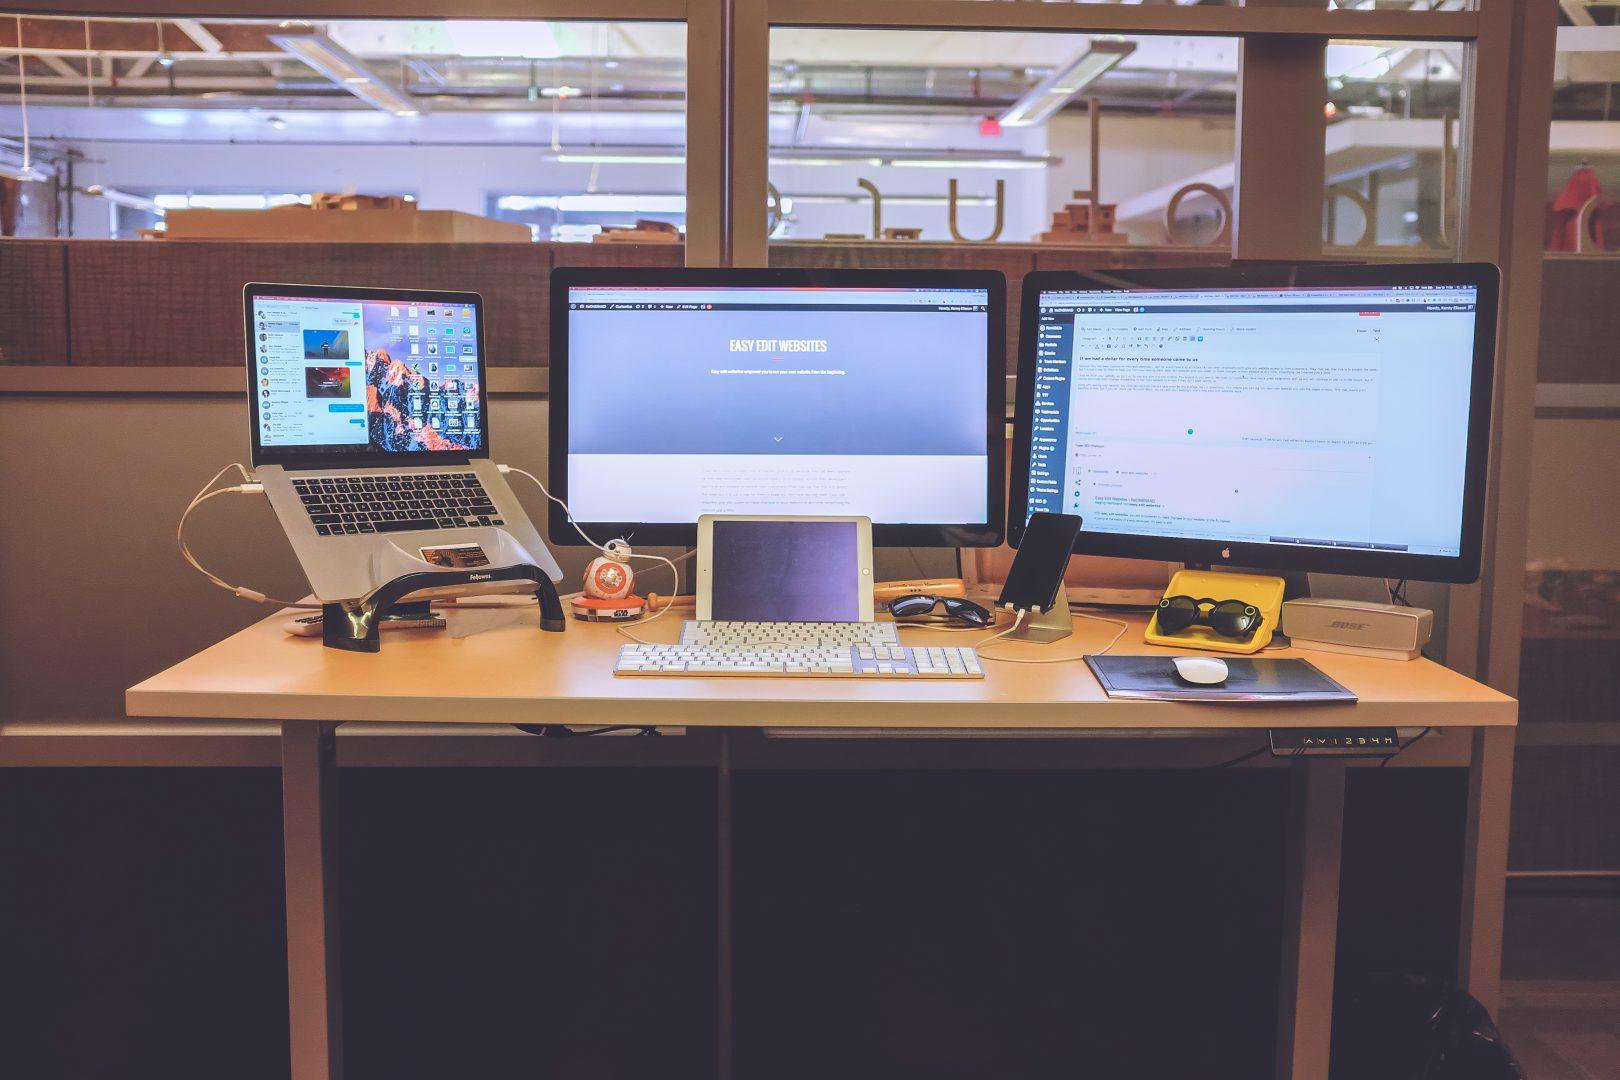 Easy Edit Websites